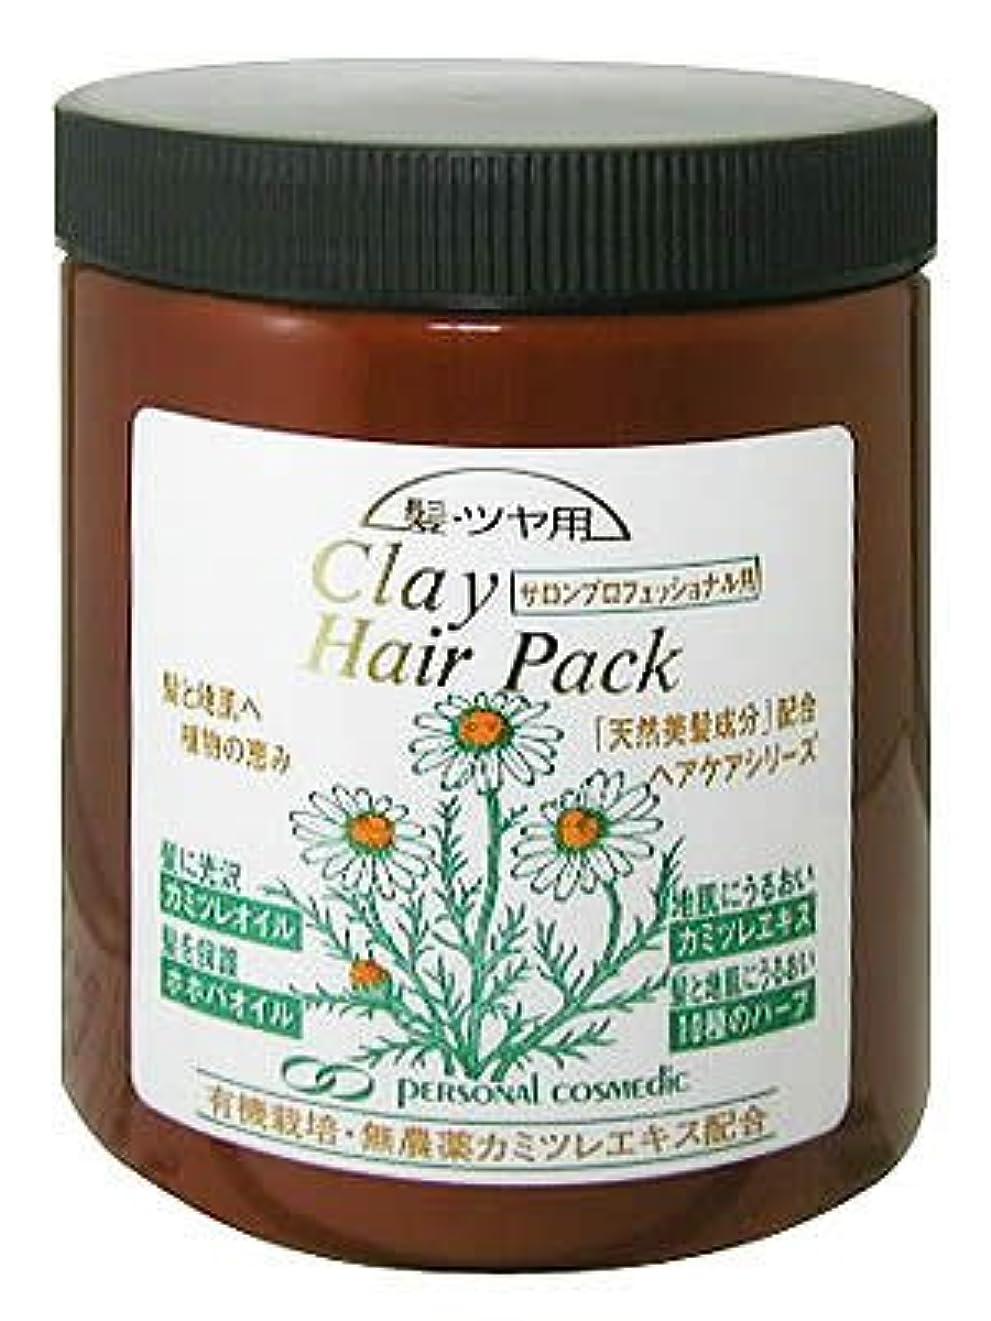 エキサイティングリレーパンPC カミツヤ(髪ツヤ) クレイヘアパック790g